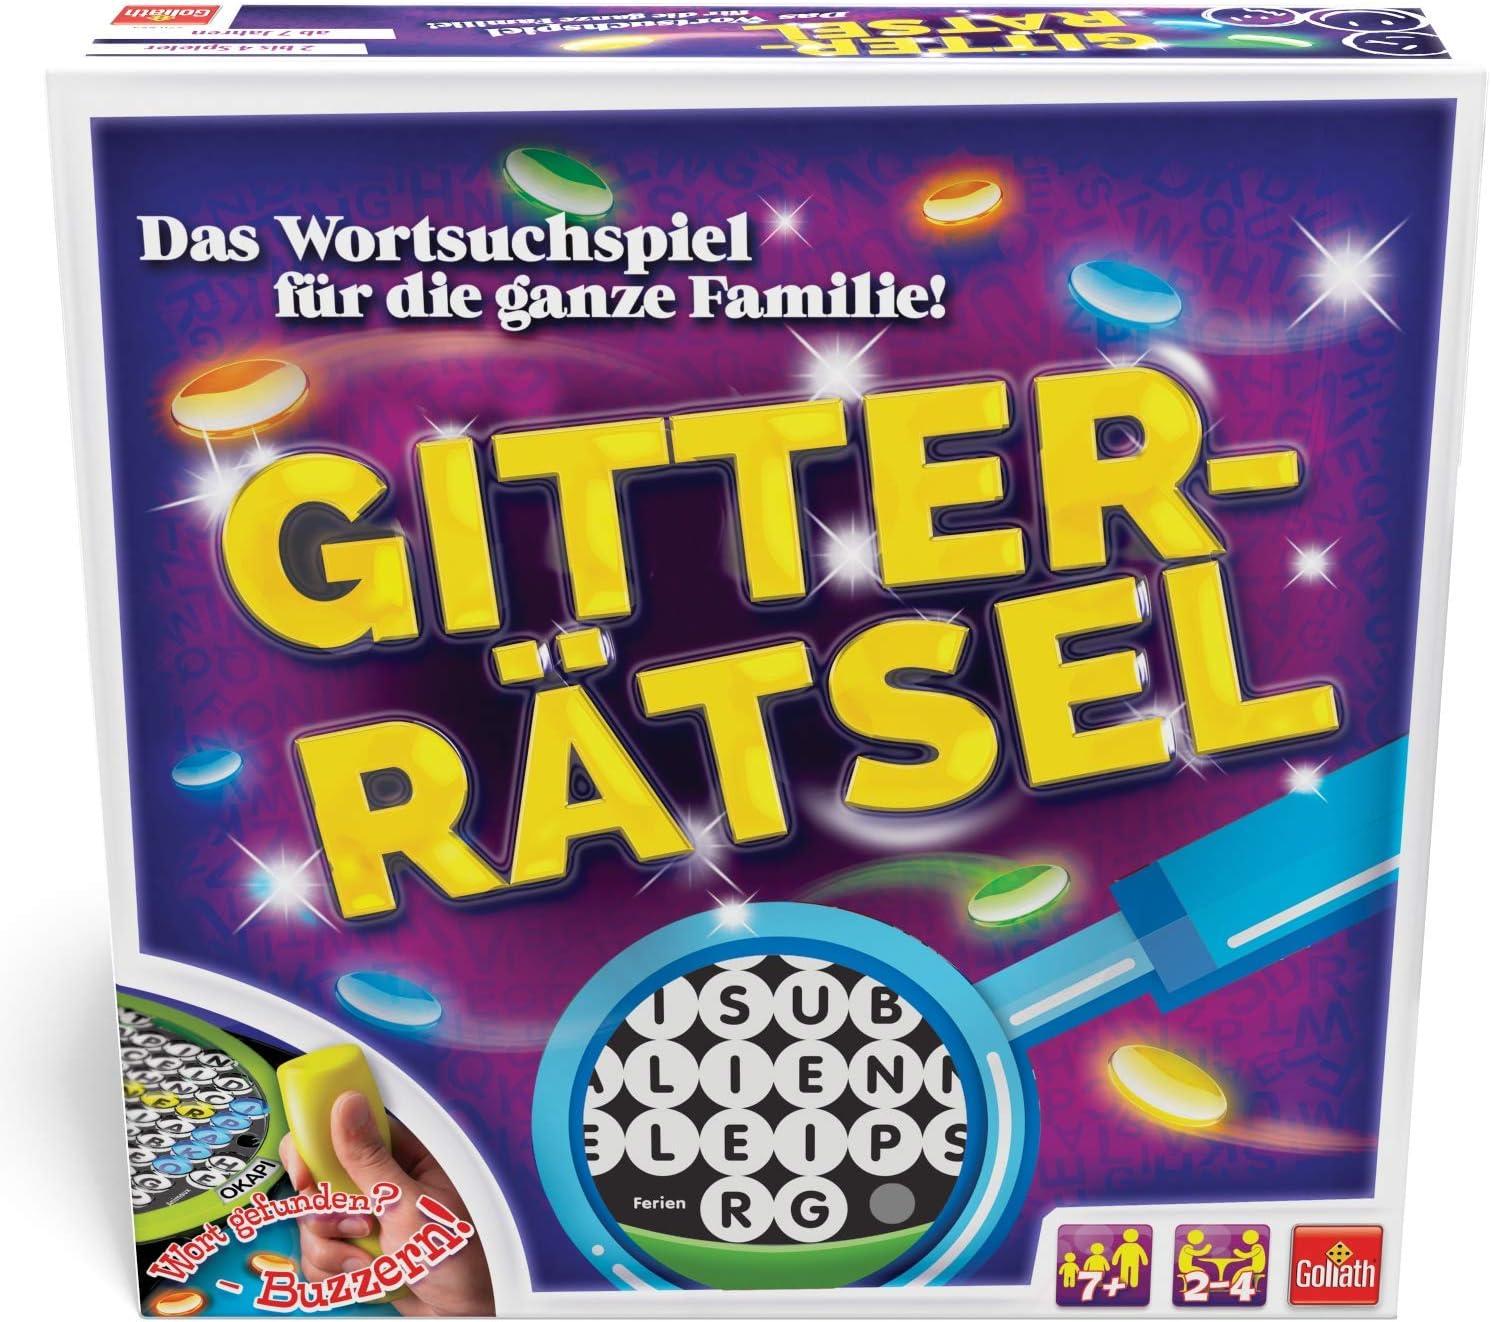 Goliath Toys 70533 - Cazuela con Rejilla, Multicolor: Amazon.es: Juguetes y juegos